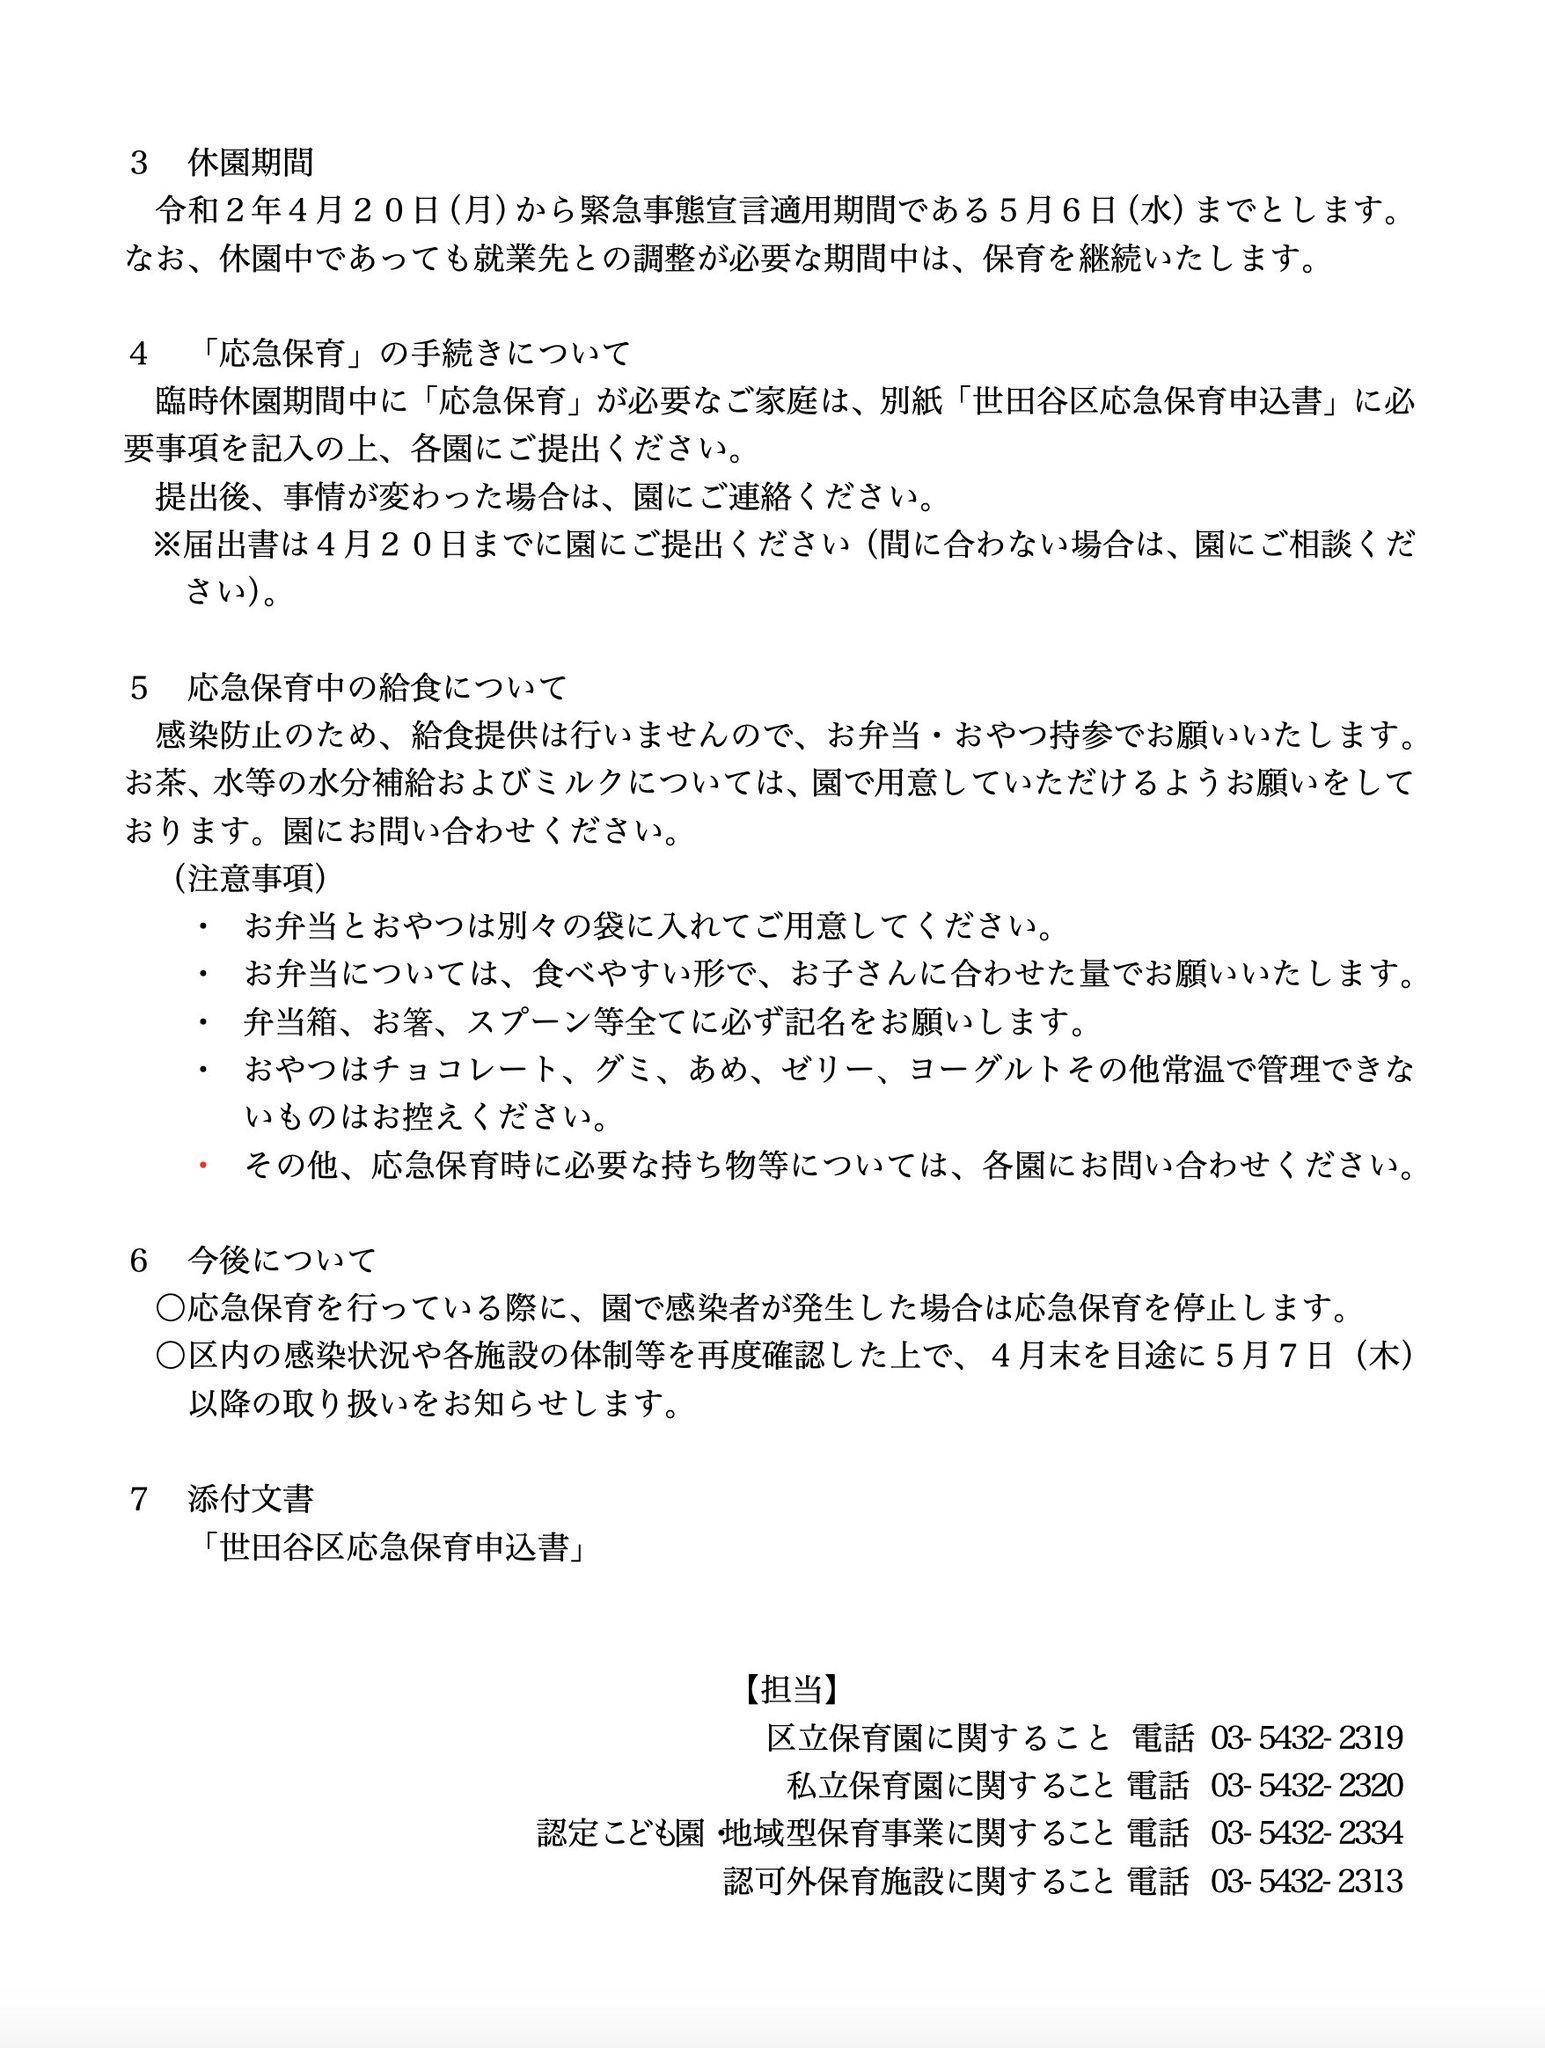 宣言 世田谷 区 事態 保育園 緊急